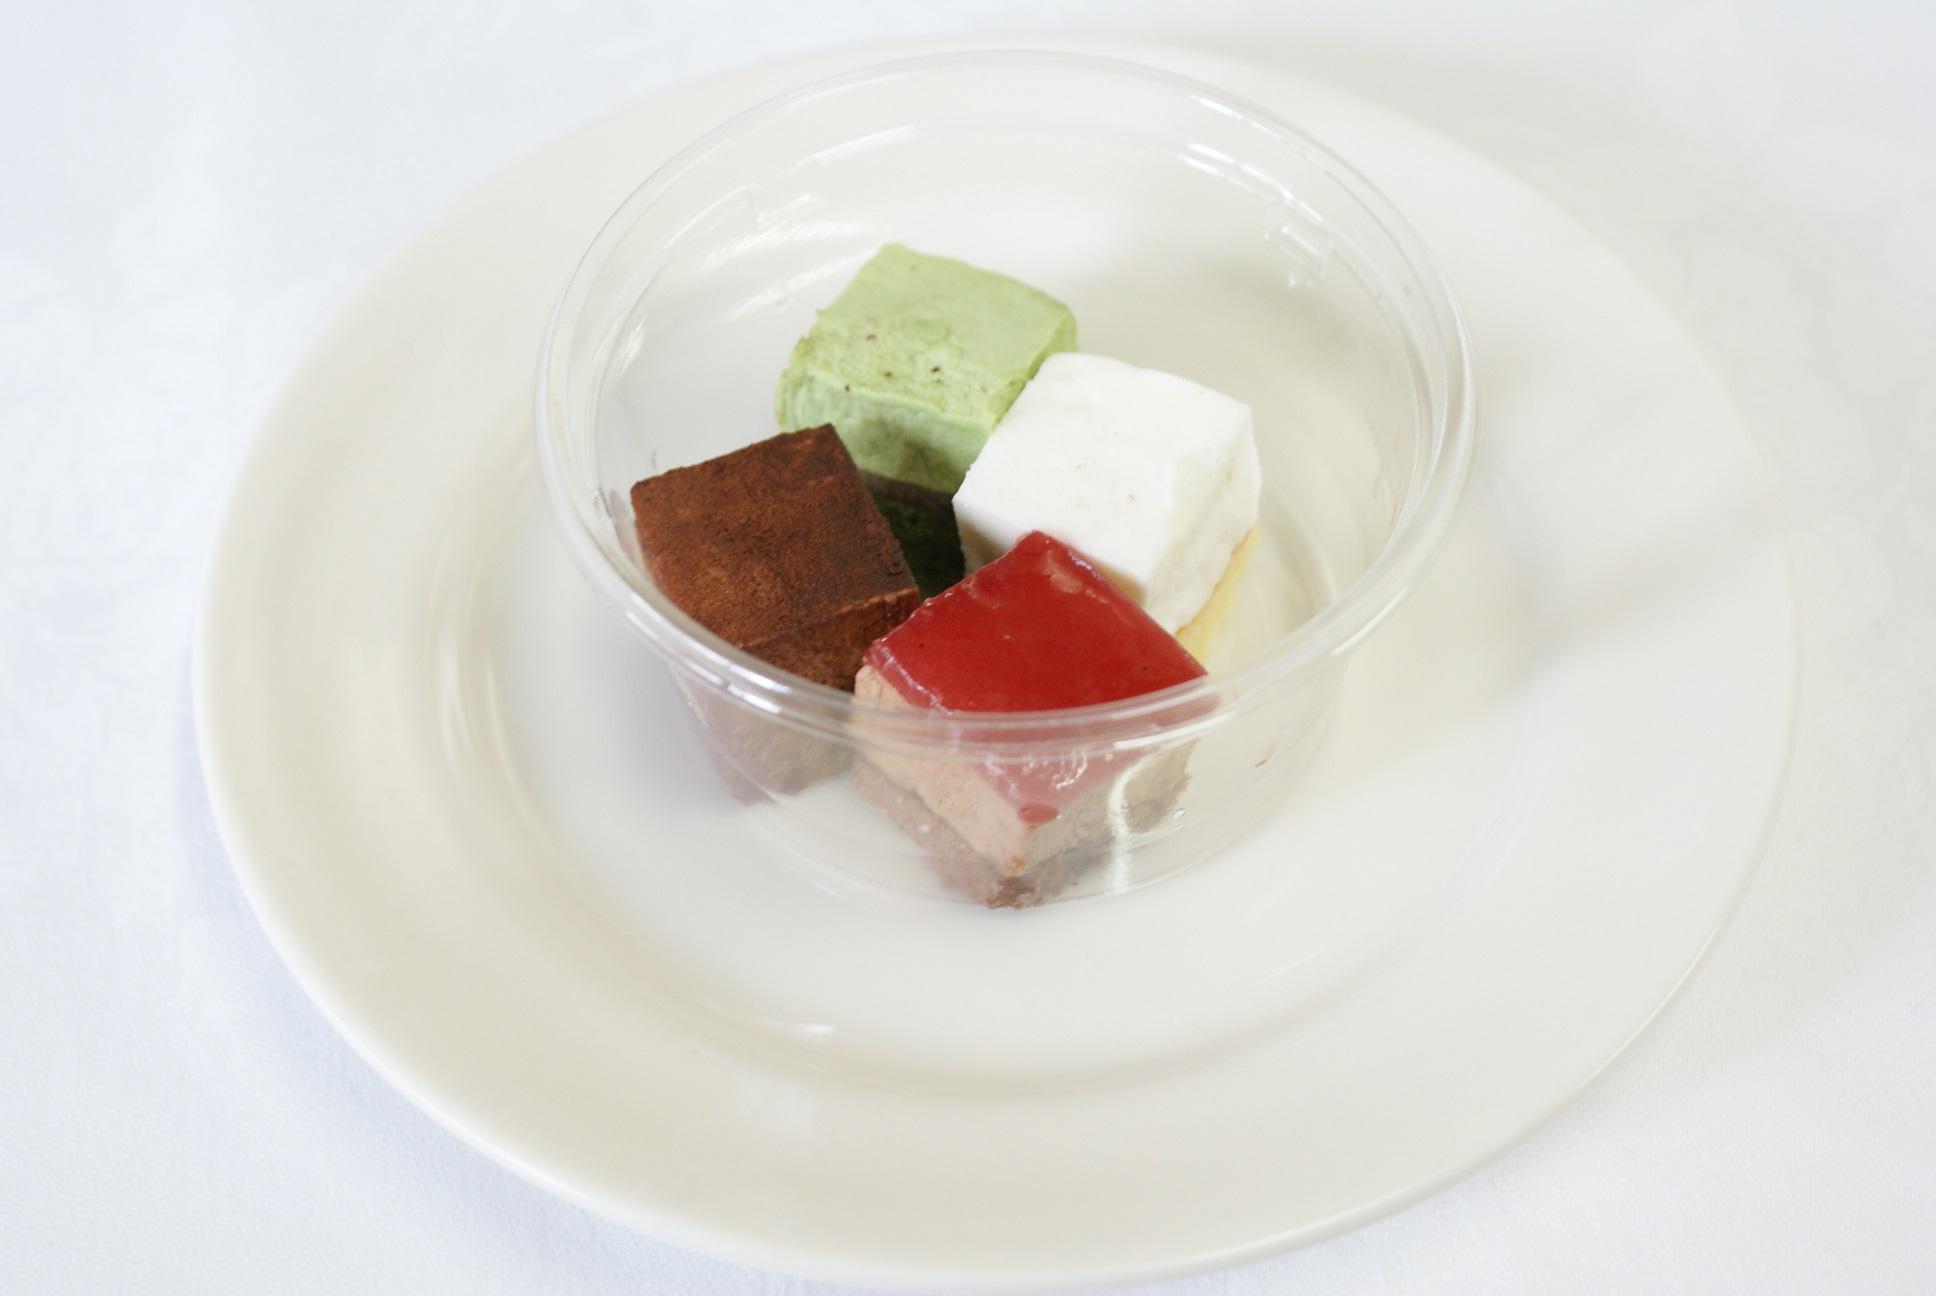 【完全個別包装のカップオードヴル】牛肉のソテーとフォアグラのロッシーニ風 と選べるカップオードヴル画像18